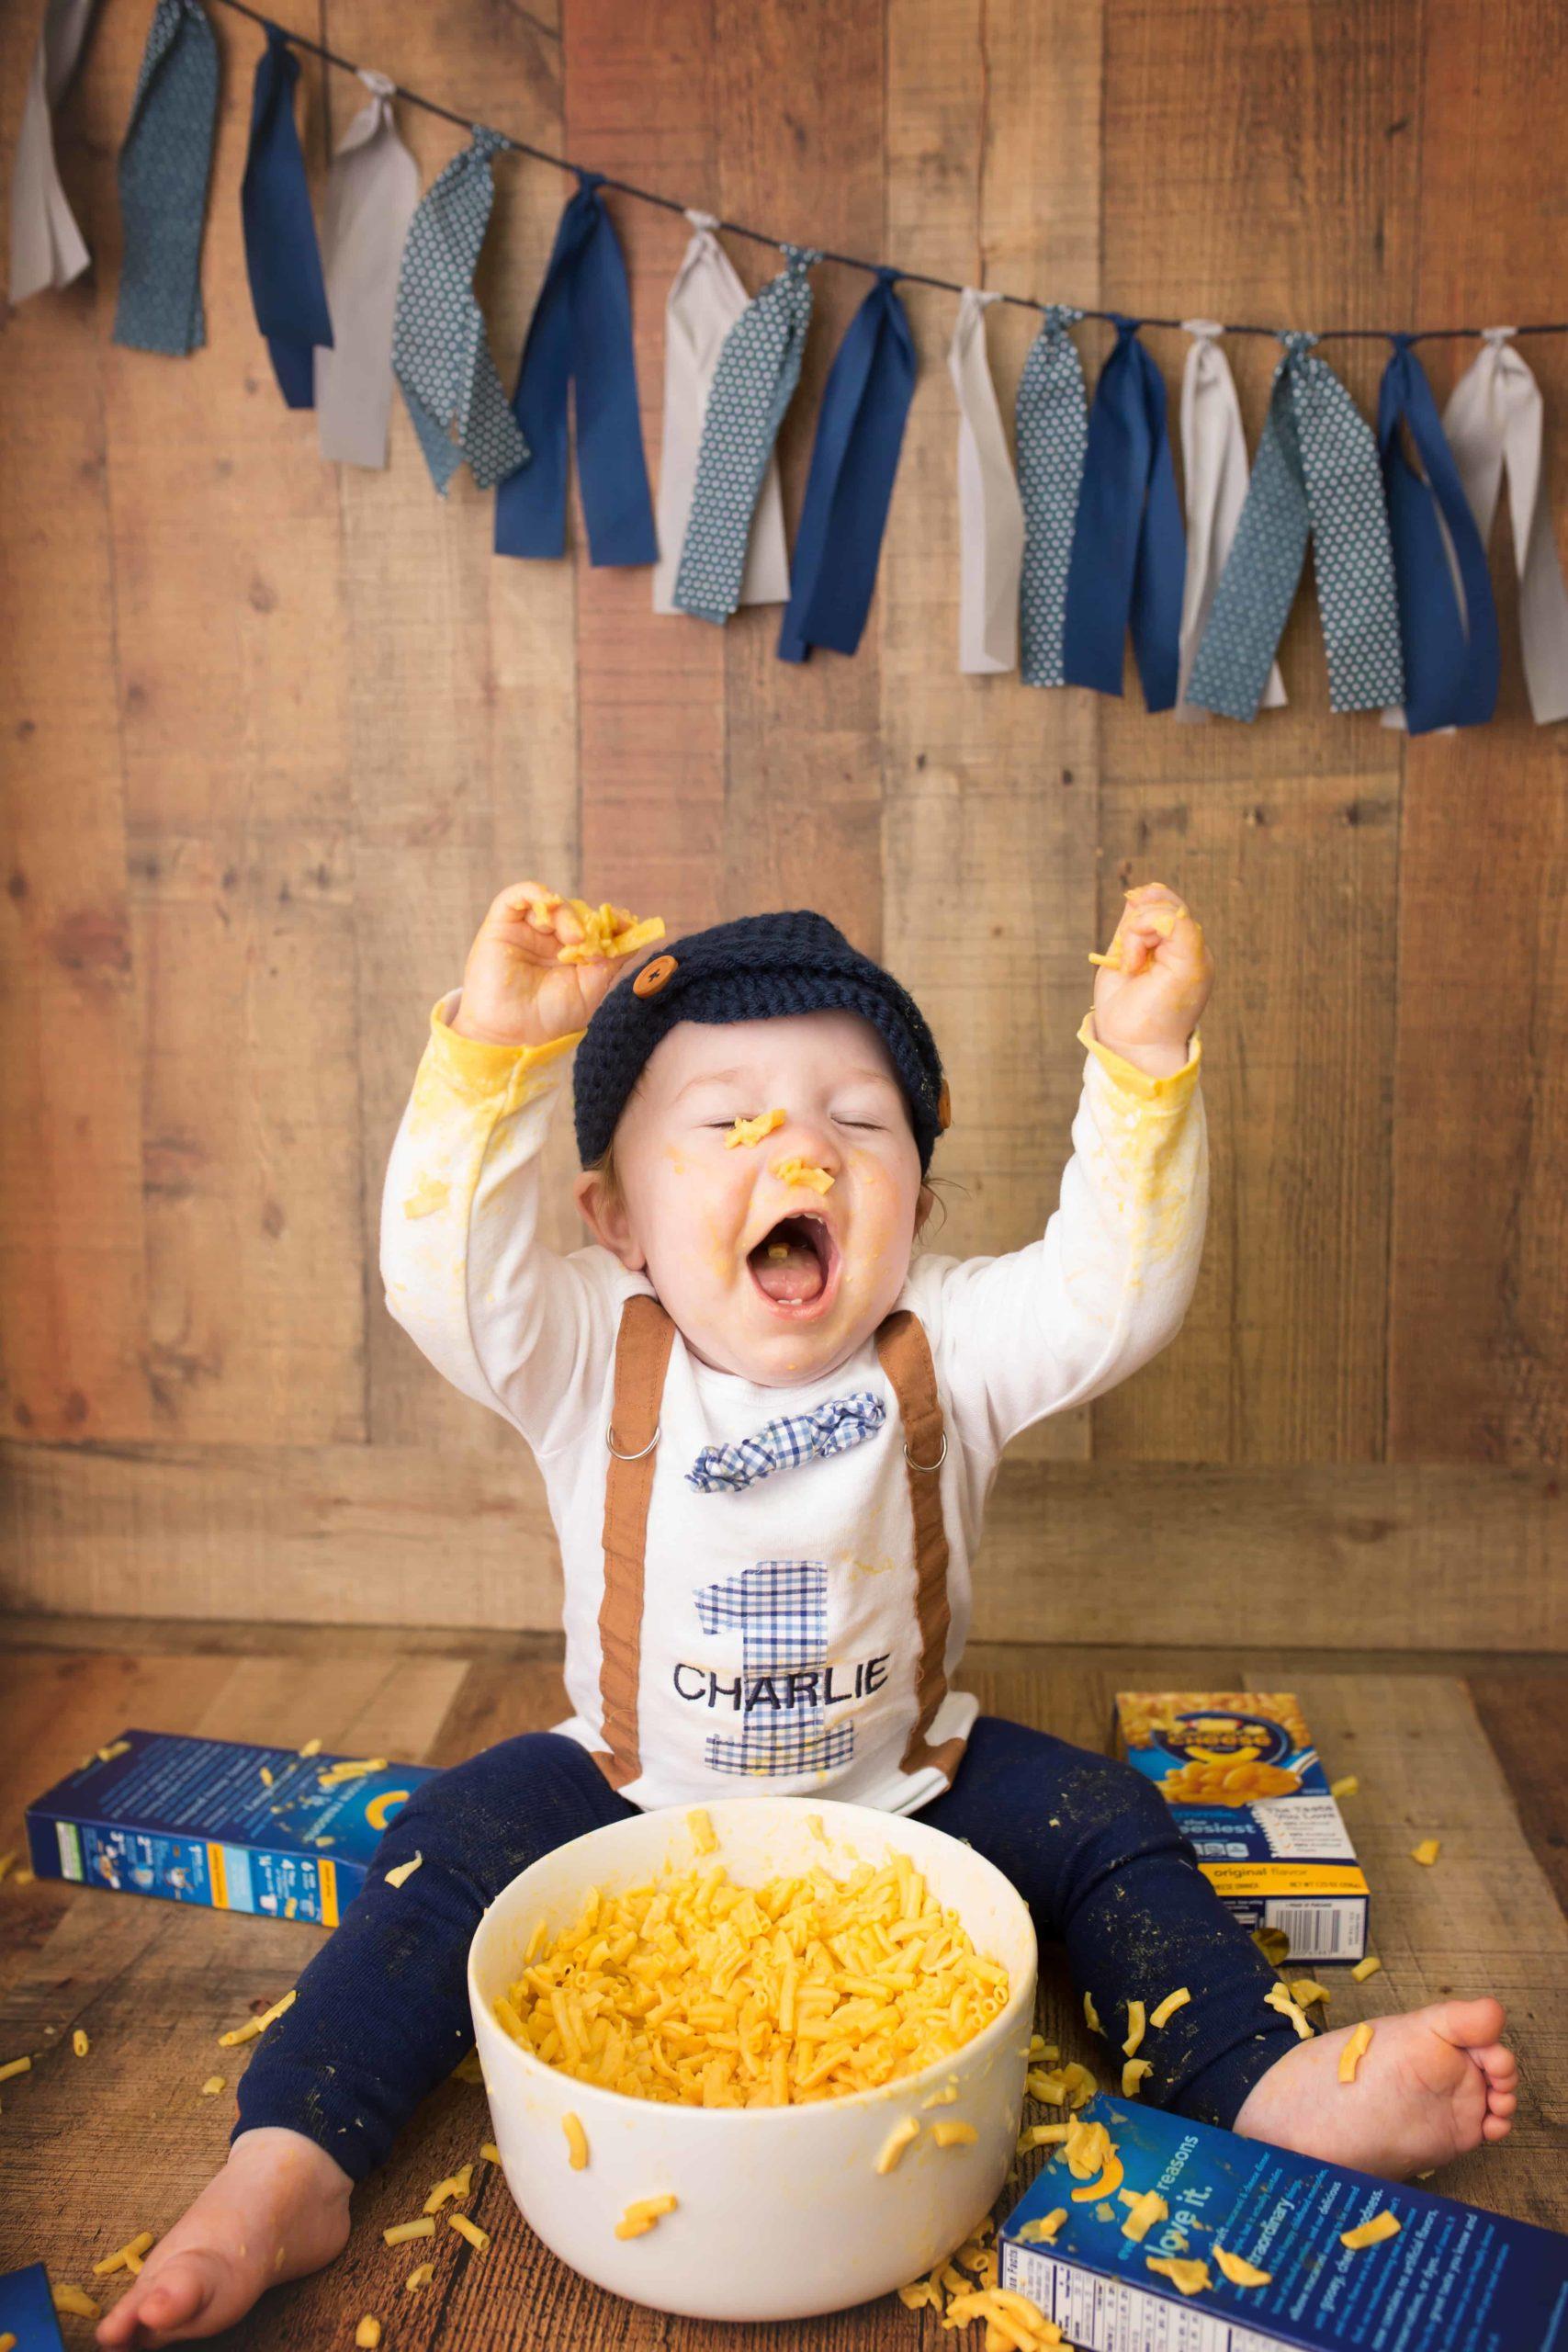 cake smash, cake smash photos, cake smash photo session, lawton photographer, lawton, oklahoma photographer, duncan, oklahoma photographer, chickasha photographer, first birthday, first birthday photo session, first birthday pictures, first birthday pics